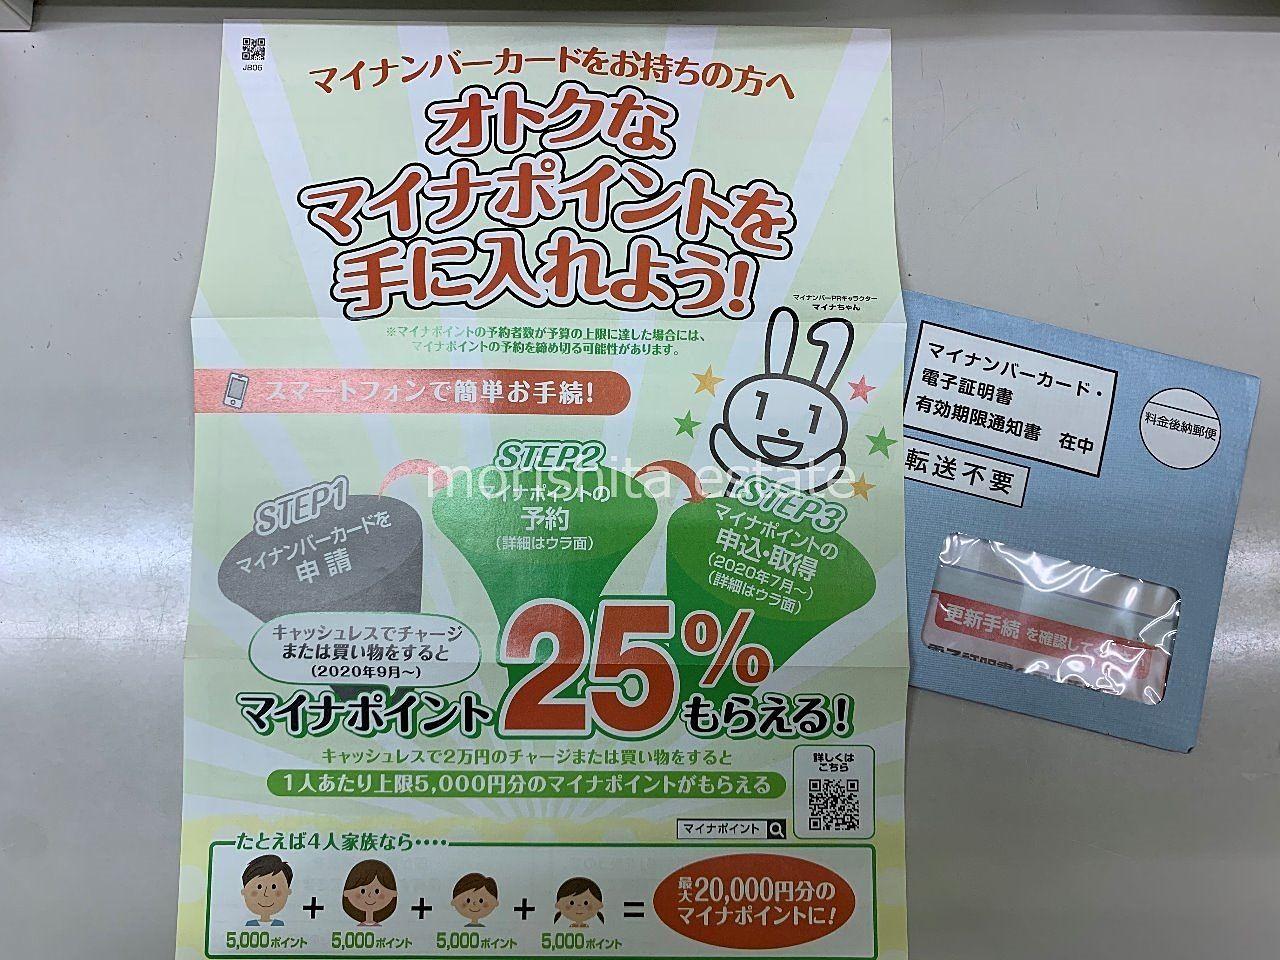 マイナンバーカード・電子証明書の有効期限!